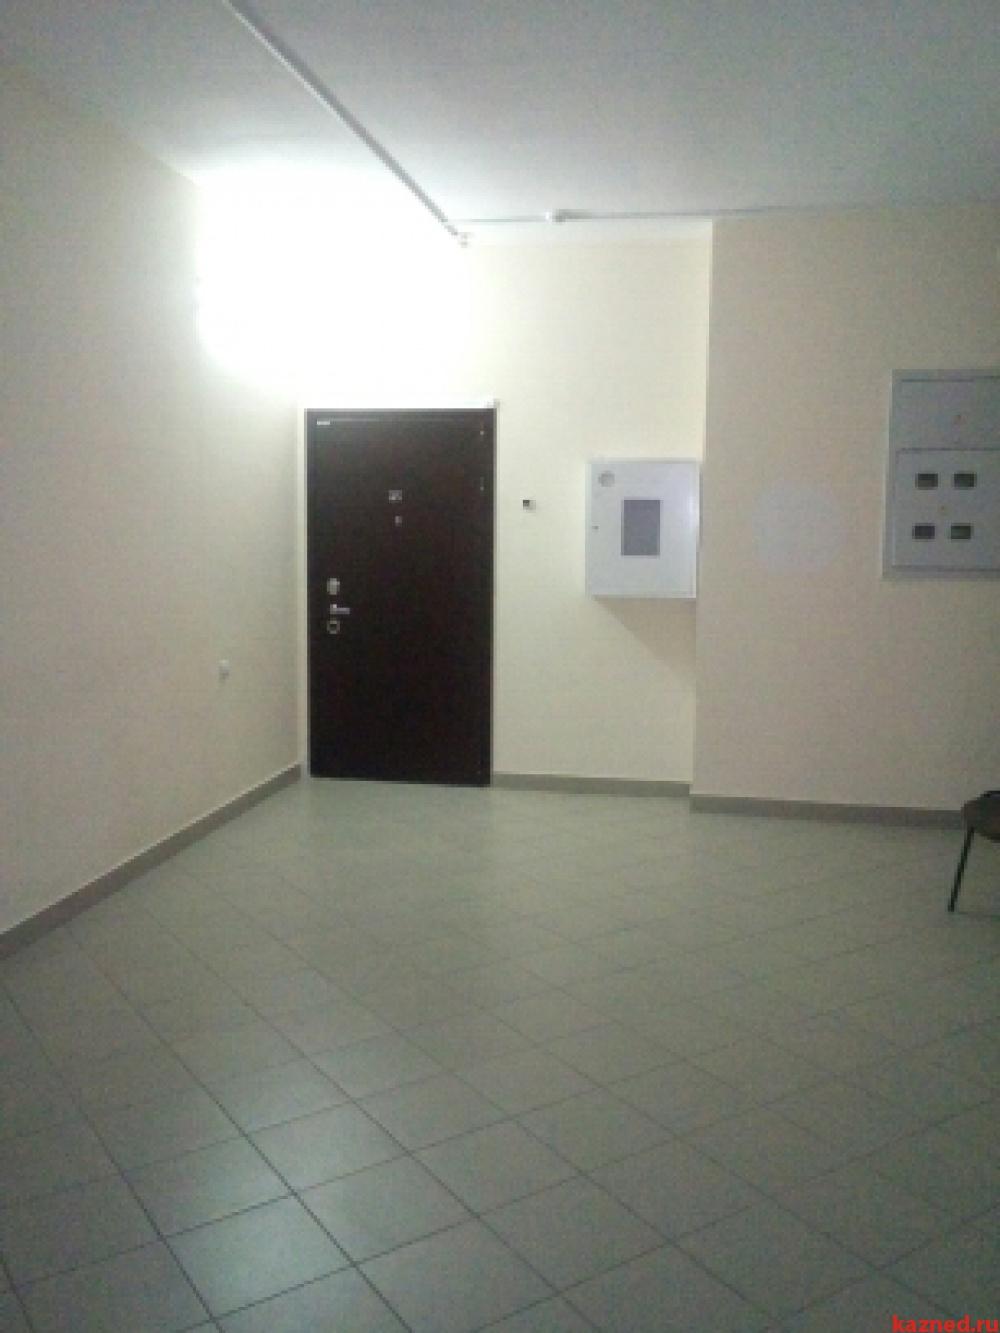 Продажа 1-к квартиры Оренбургский тракт,24Б, 48 м²  (миниатюра №2)